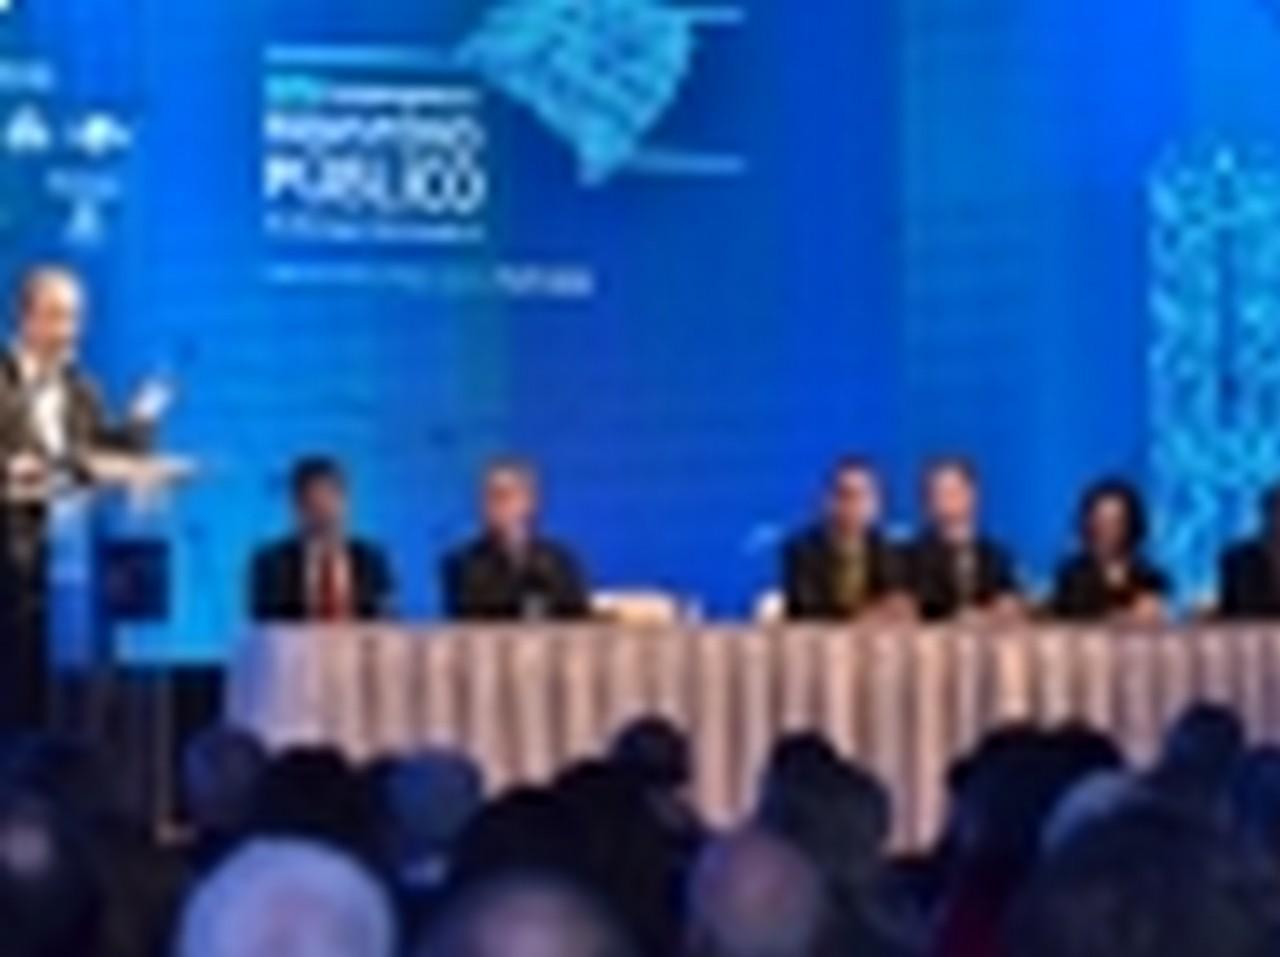 A ameaça das facções criminosas e a criação de uma política nacional de segurança pública foram abordados pelo ministro Raul Jungmann